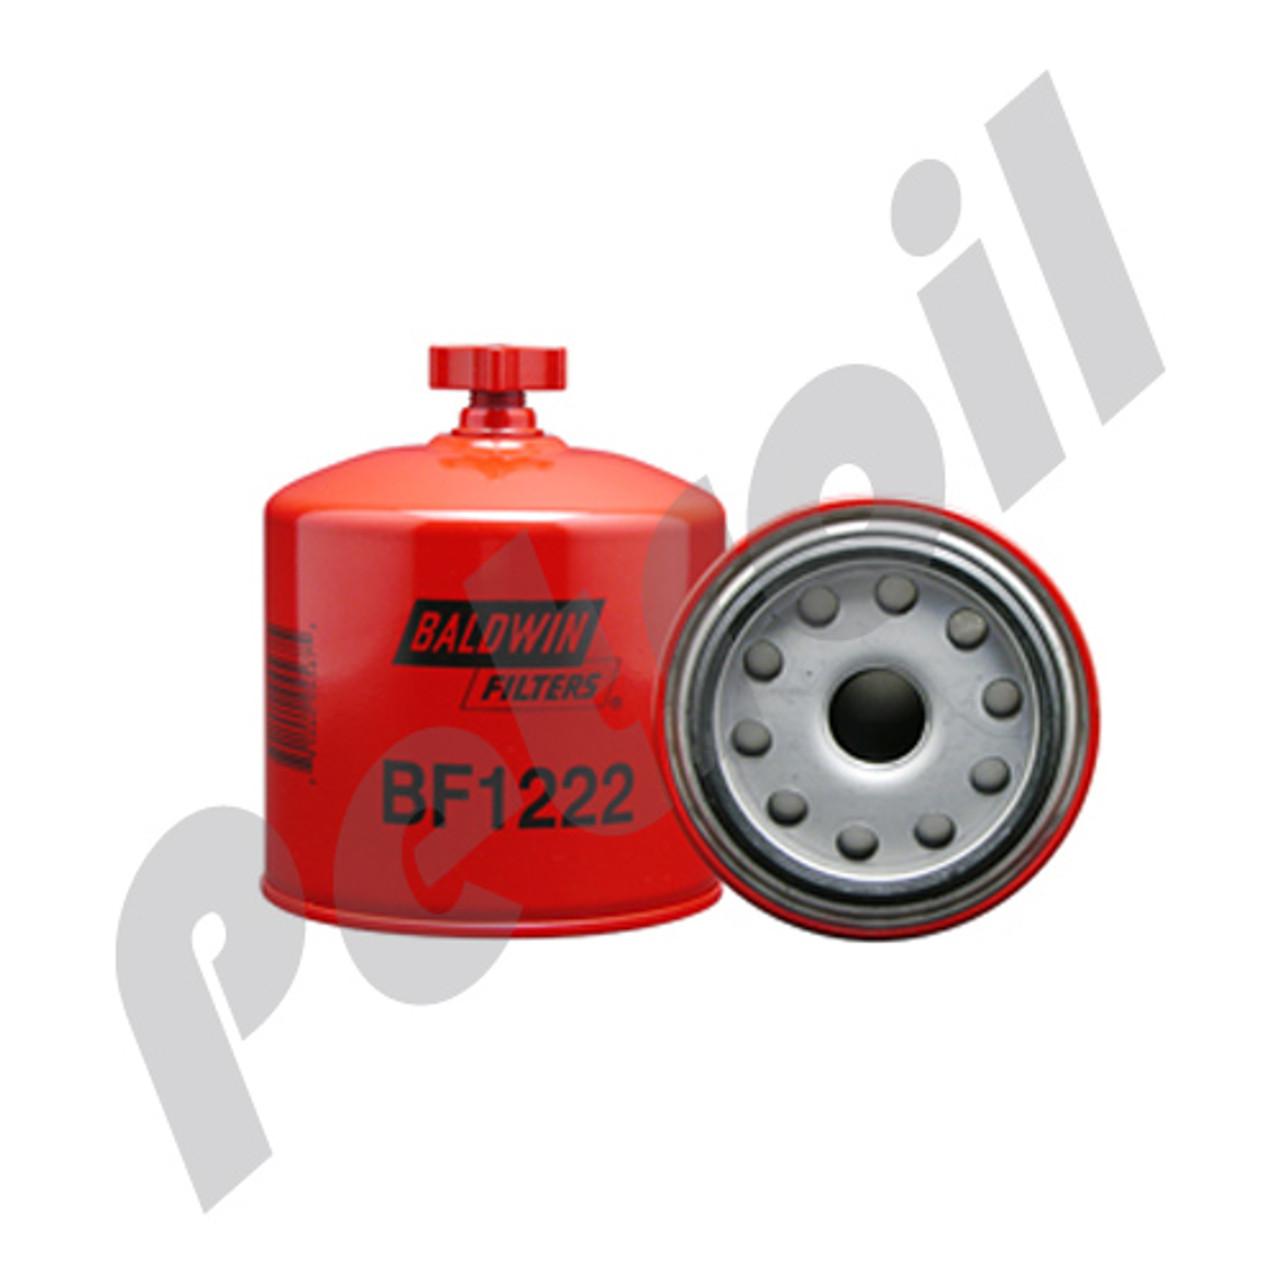 bf1222 baldwin fuel filter water separator ford f450 super duty navistar  7 3l e/f fd829 30mic